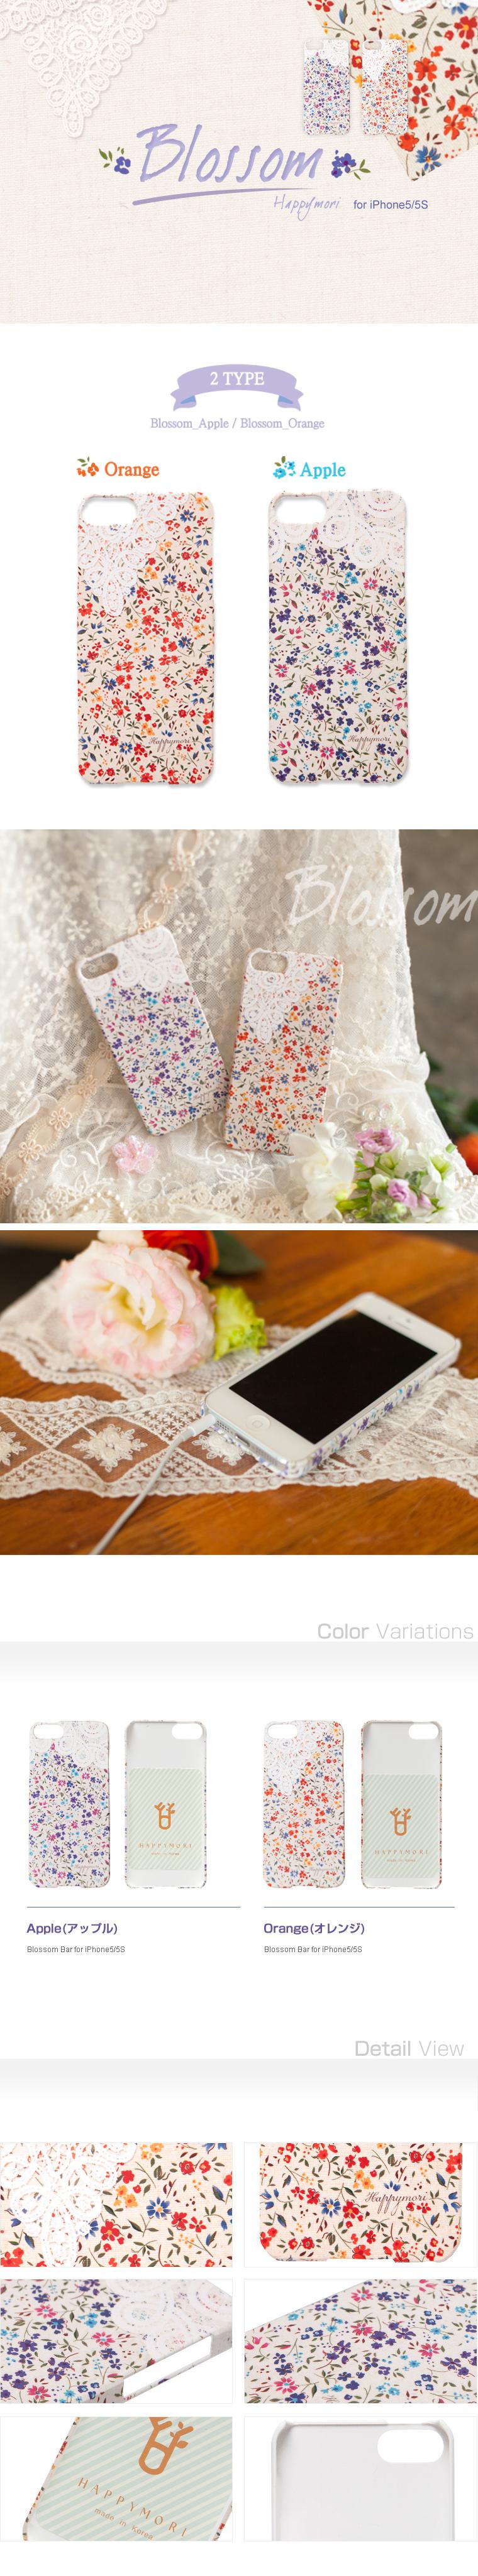 【iPhone5S/5】Happymori Blossom Bar (ハッピーモリ− ブロッサム バー)